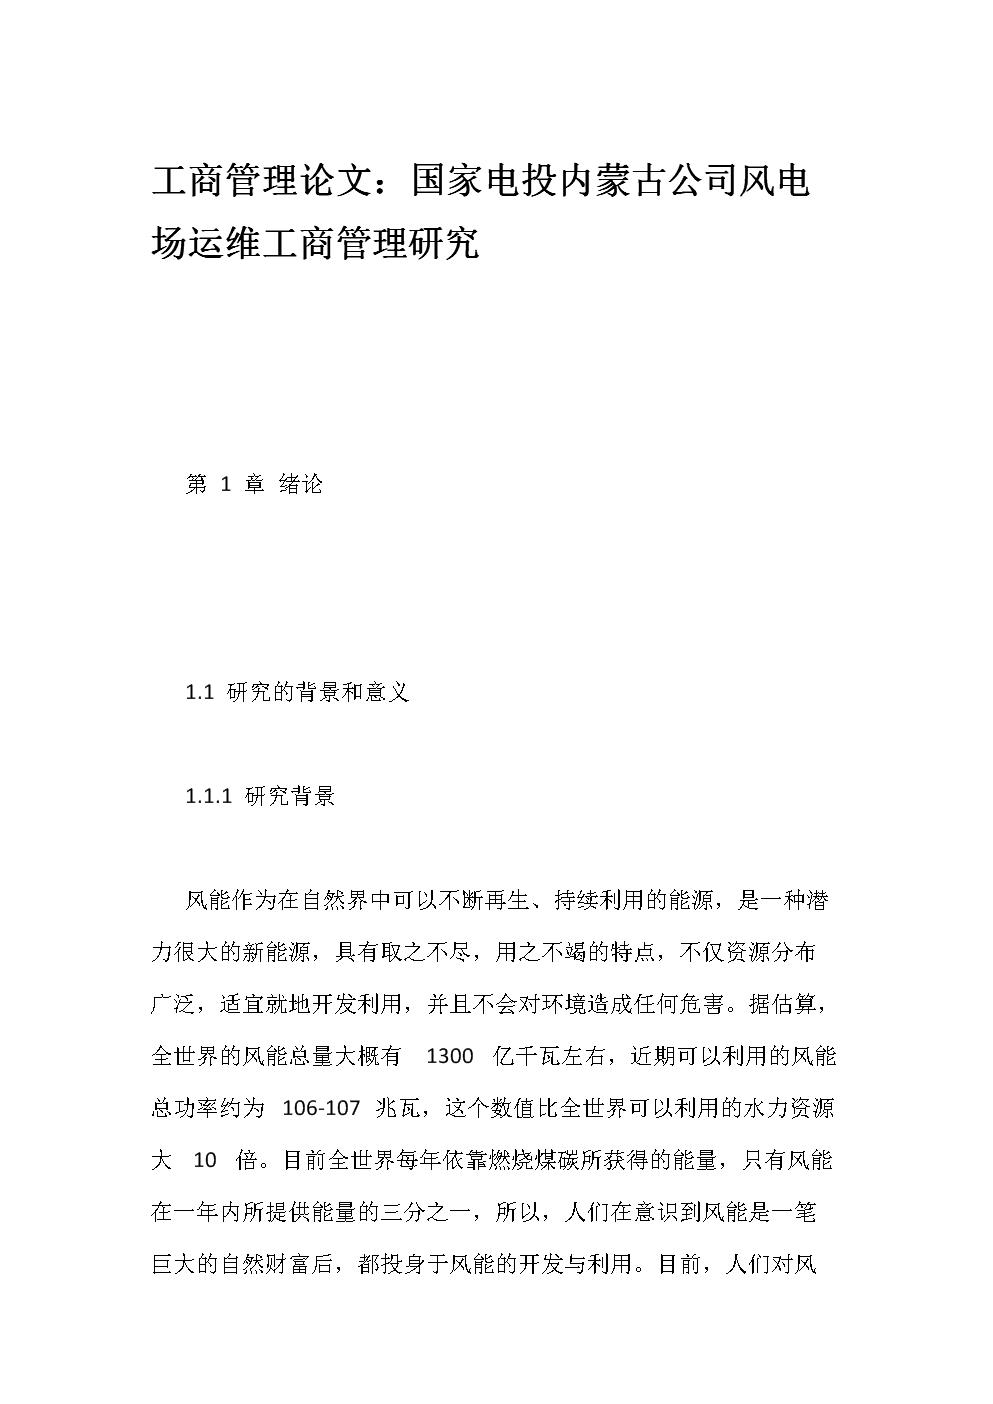 工商管理论文:国家电投内蒙古公司风电场运维工商管理研究.docx